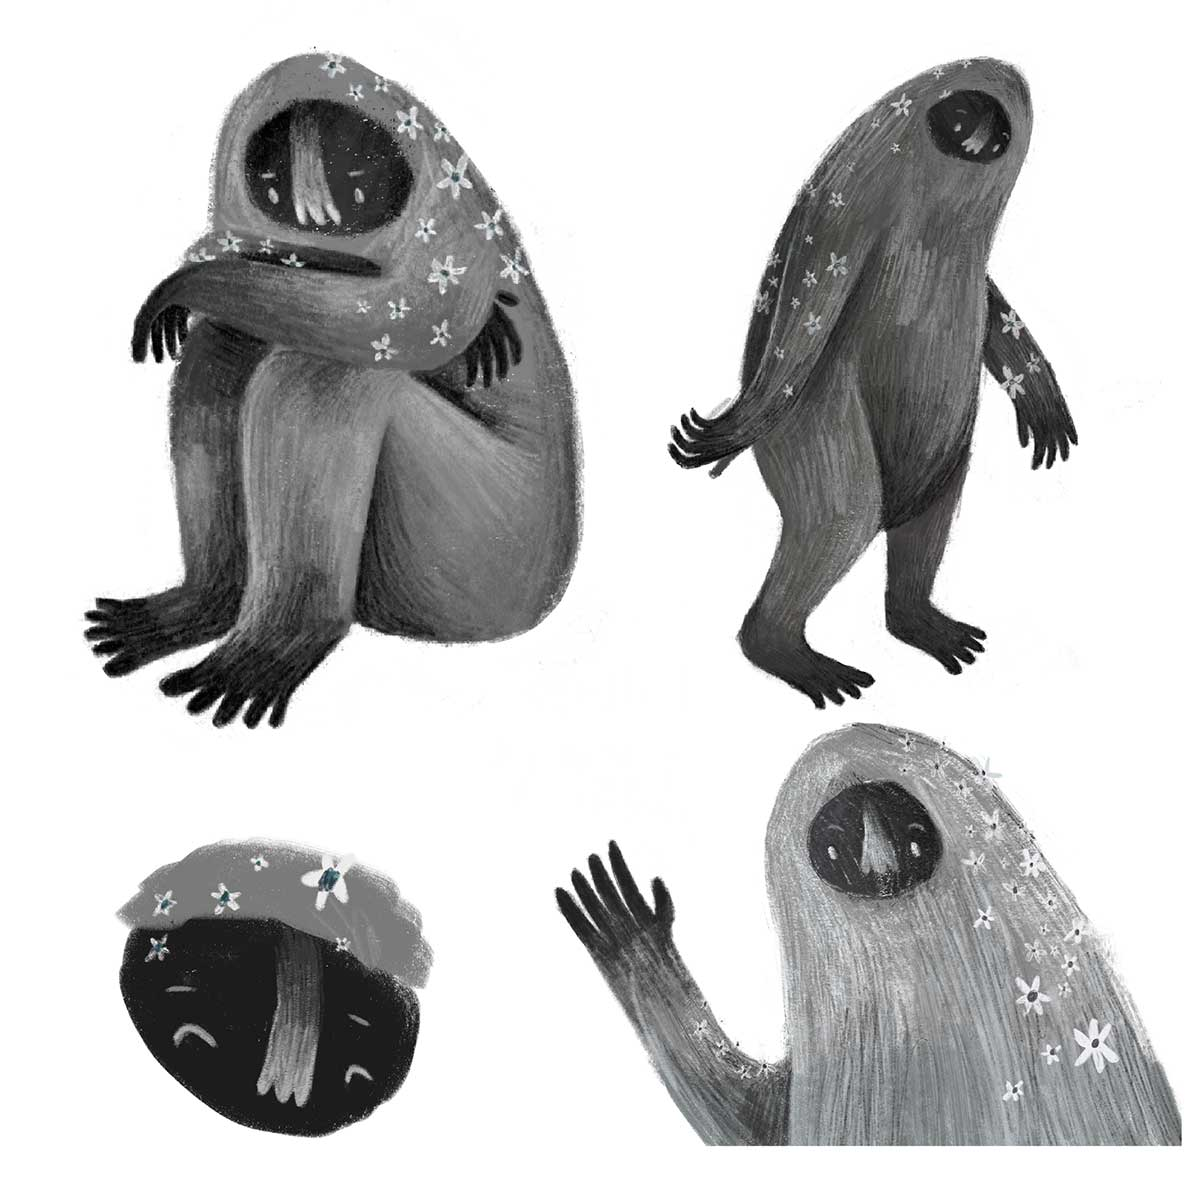 Hubert Character Design